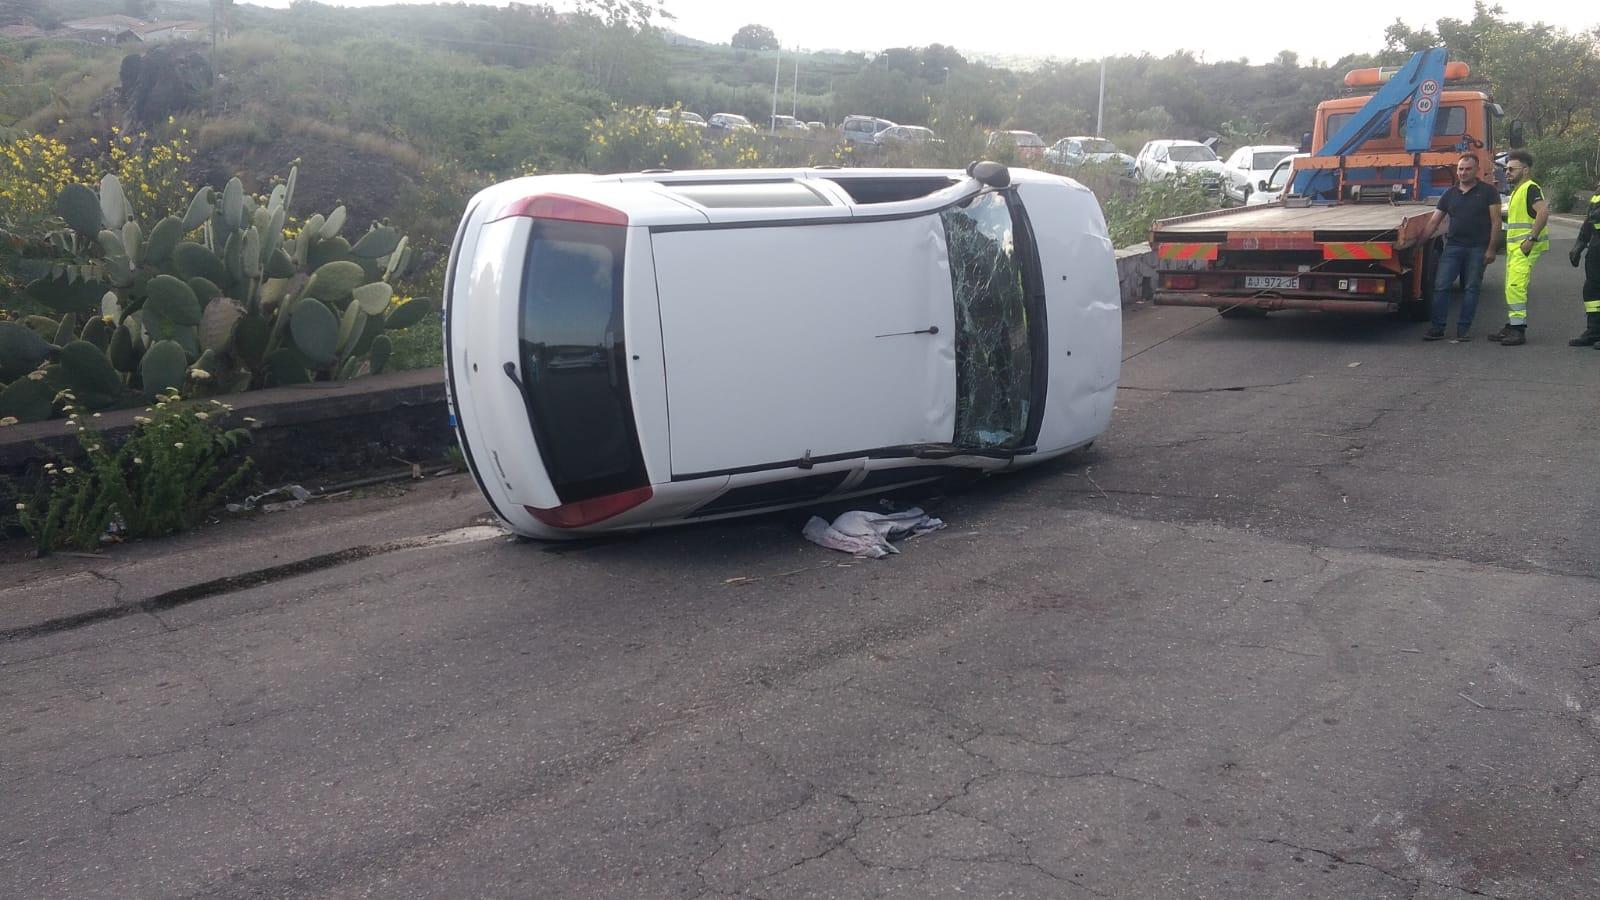 Mascali incidente autonomo sulla via giarre nunziata auto si ribalta intervento dei vigili - Incidente giardini naxos oggi ...